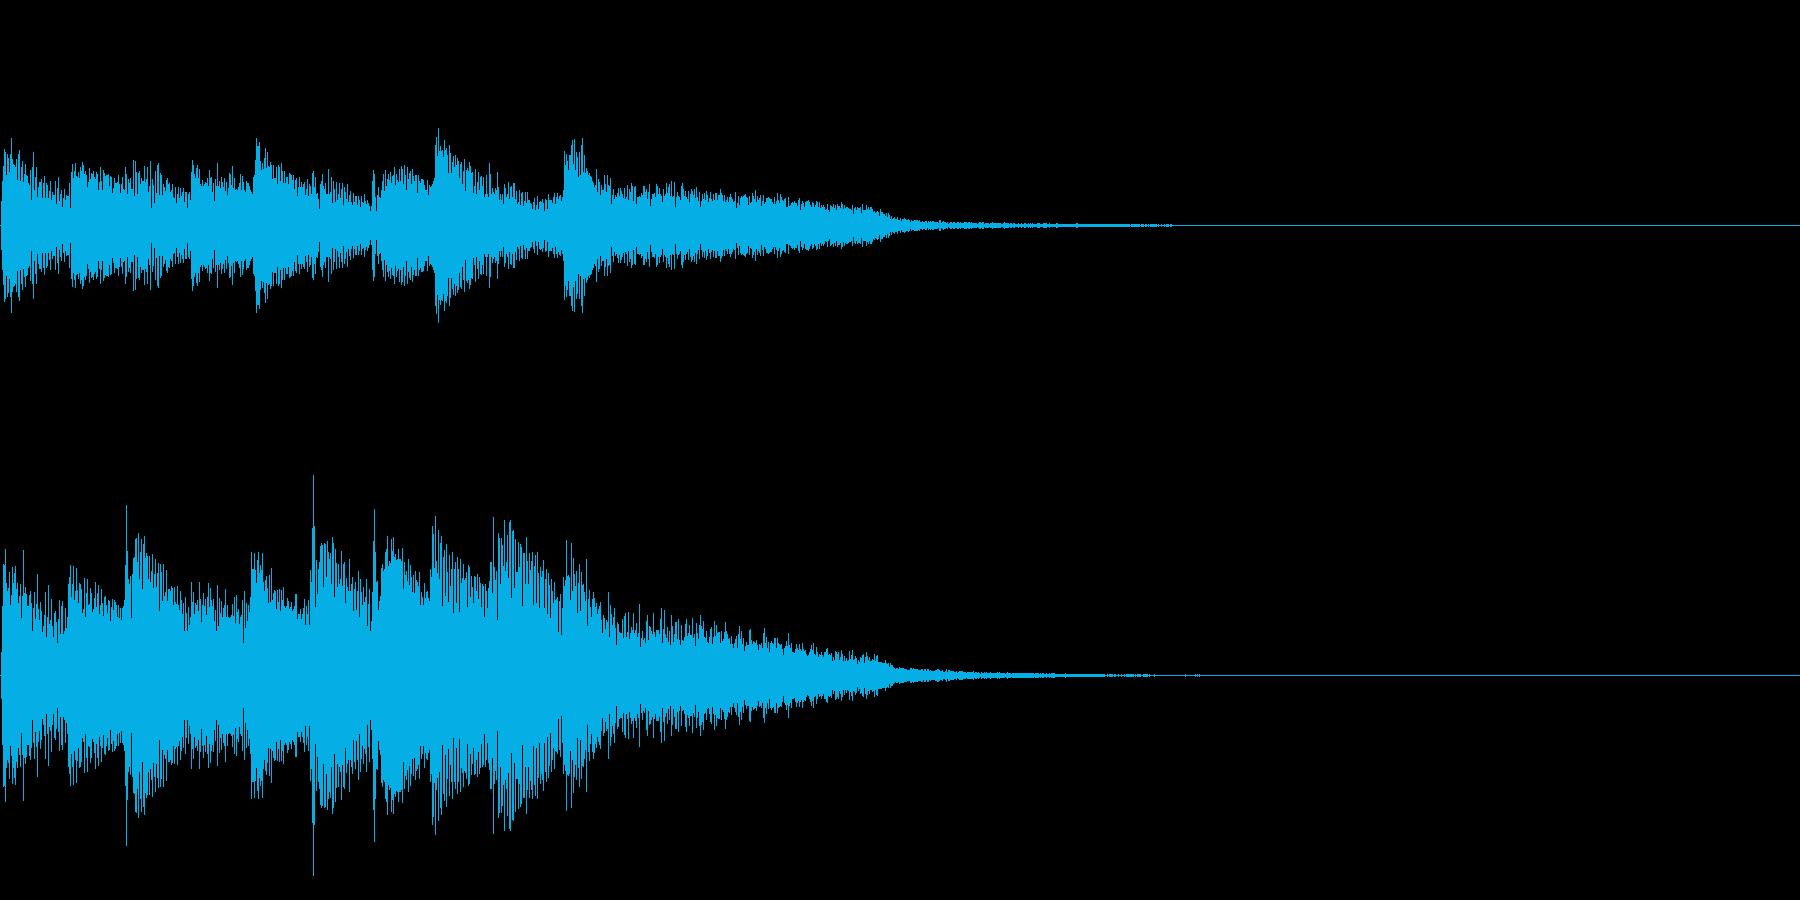 楽しく上昇しているようなピアノのジングルの再生済みの波形